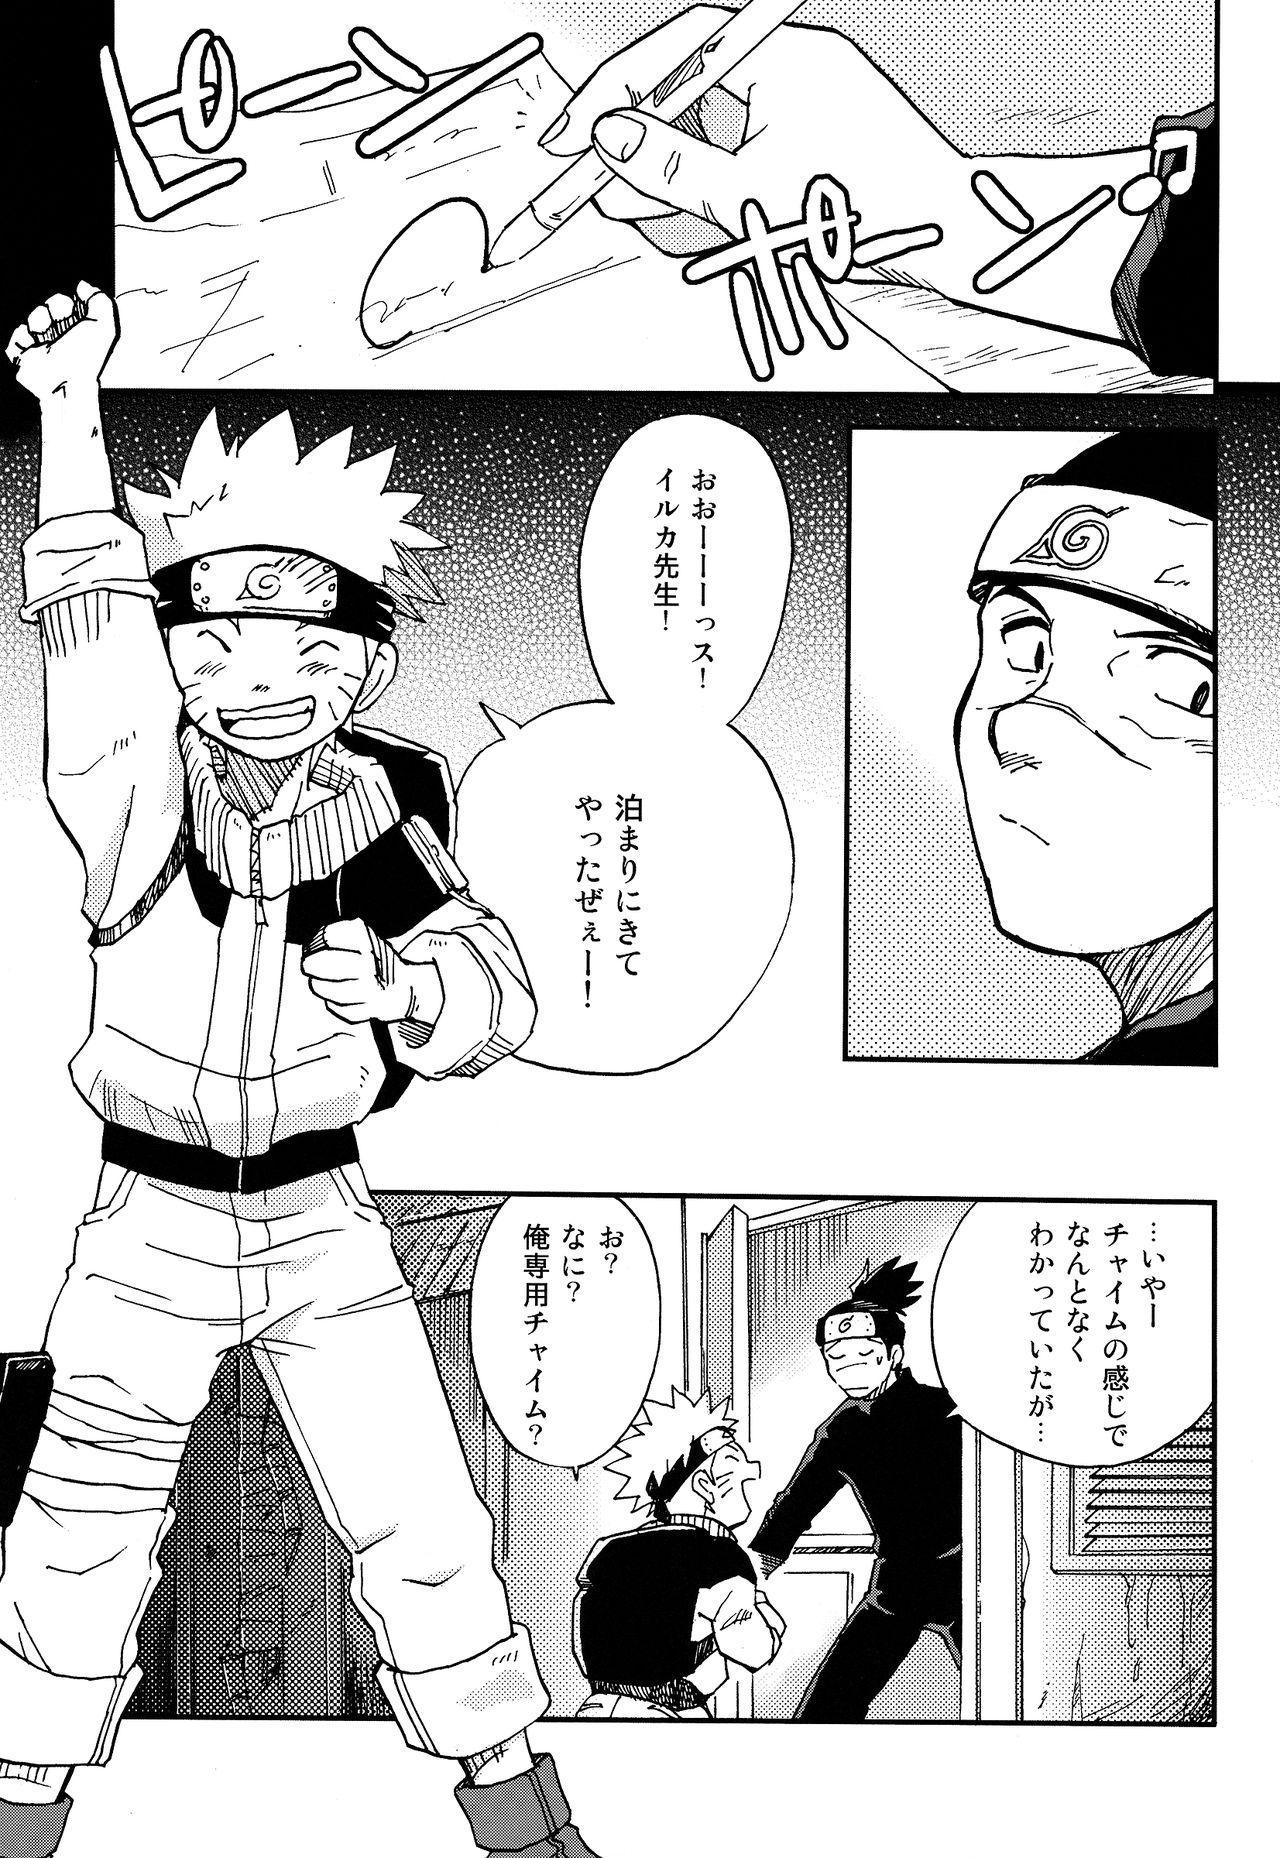 IruNaru no Wadachi 49